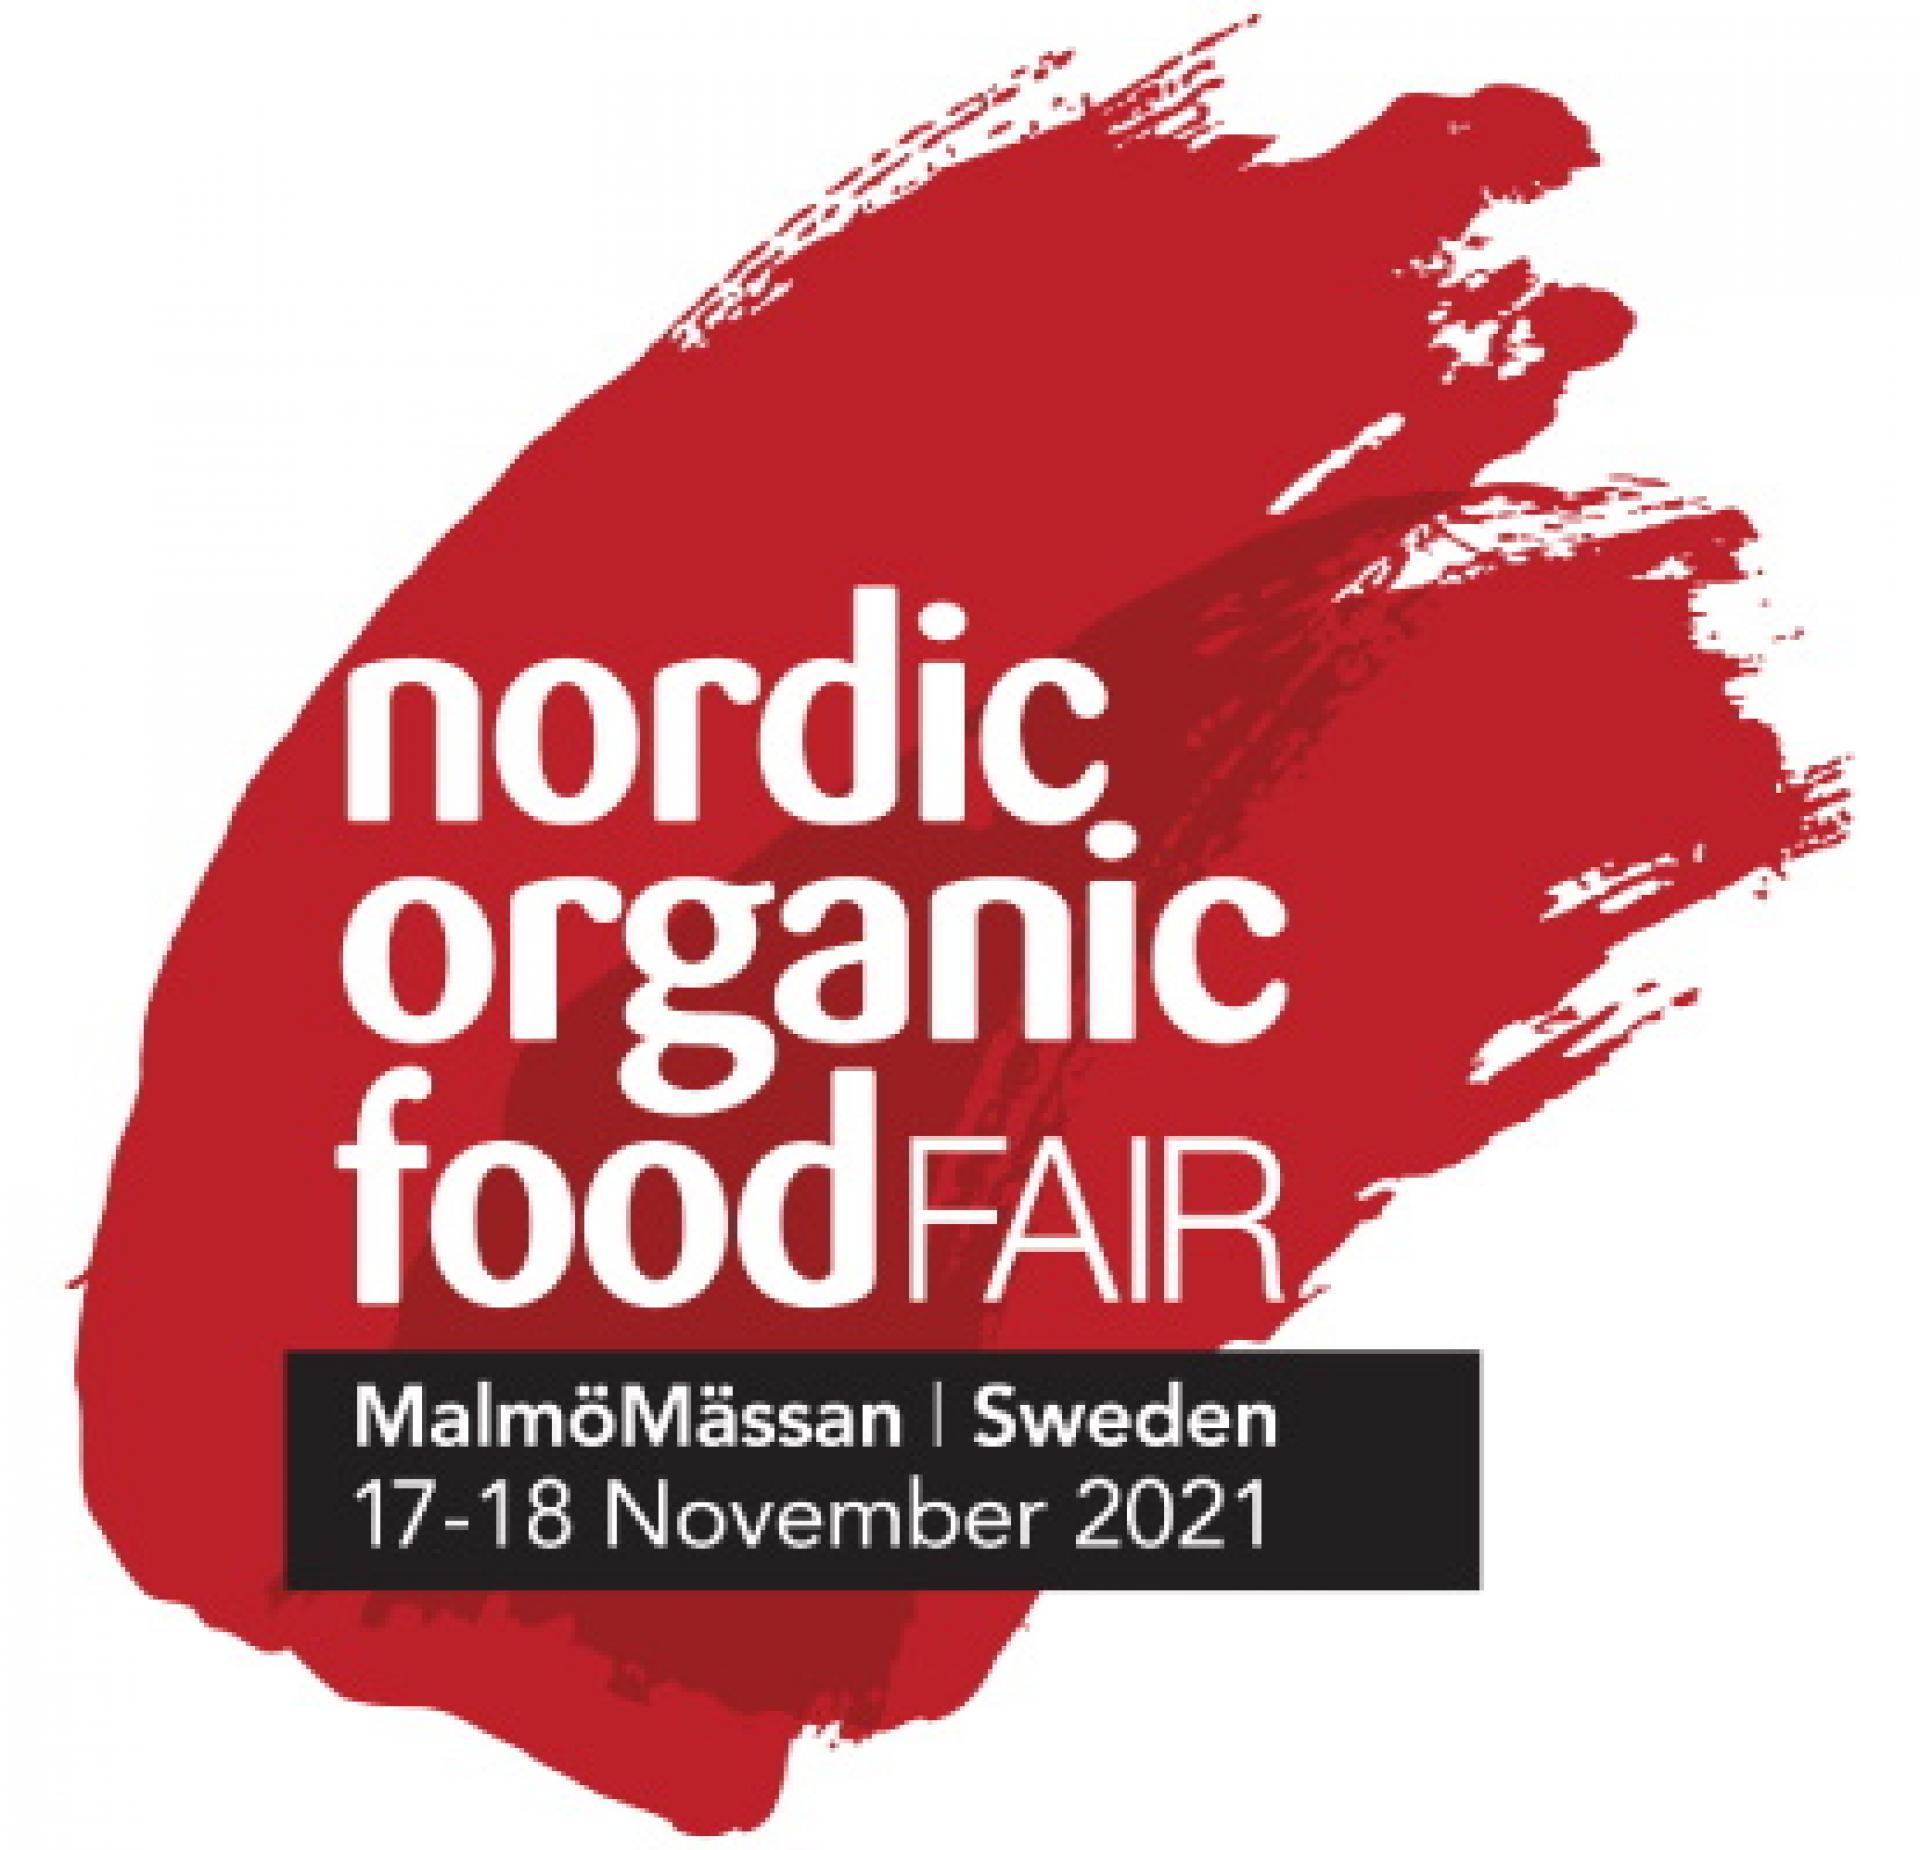 Rozstrzygnięcie naboru przedsiębiorstw na stoisko regionalne Województwa Wielkopolskiego  na targach Nordic Organic Food Fair 2021, Malmo (Szwecja) - zobacz więcej